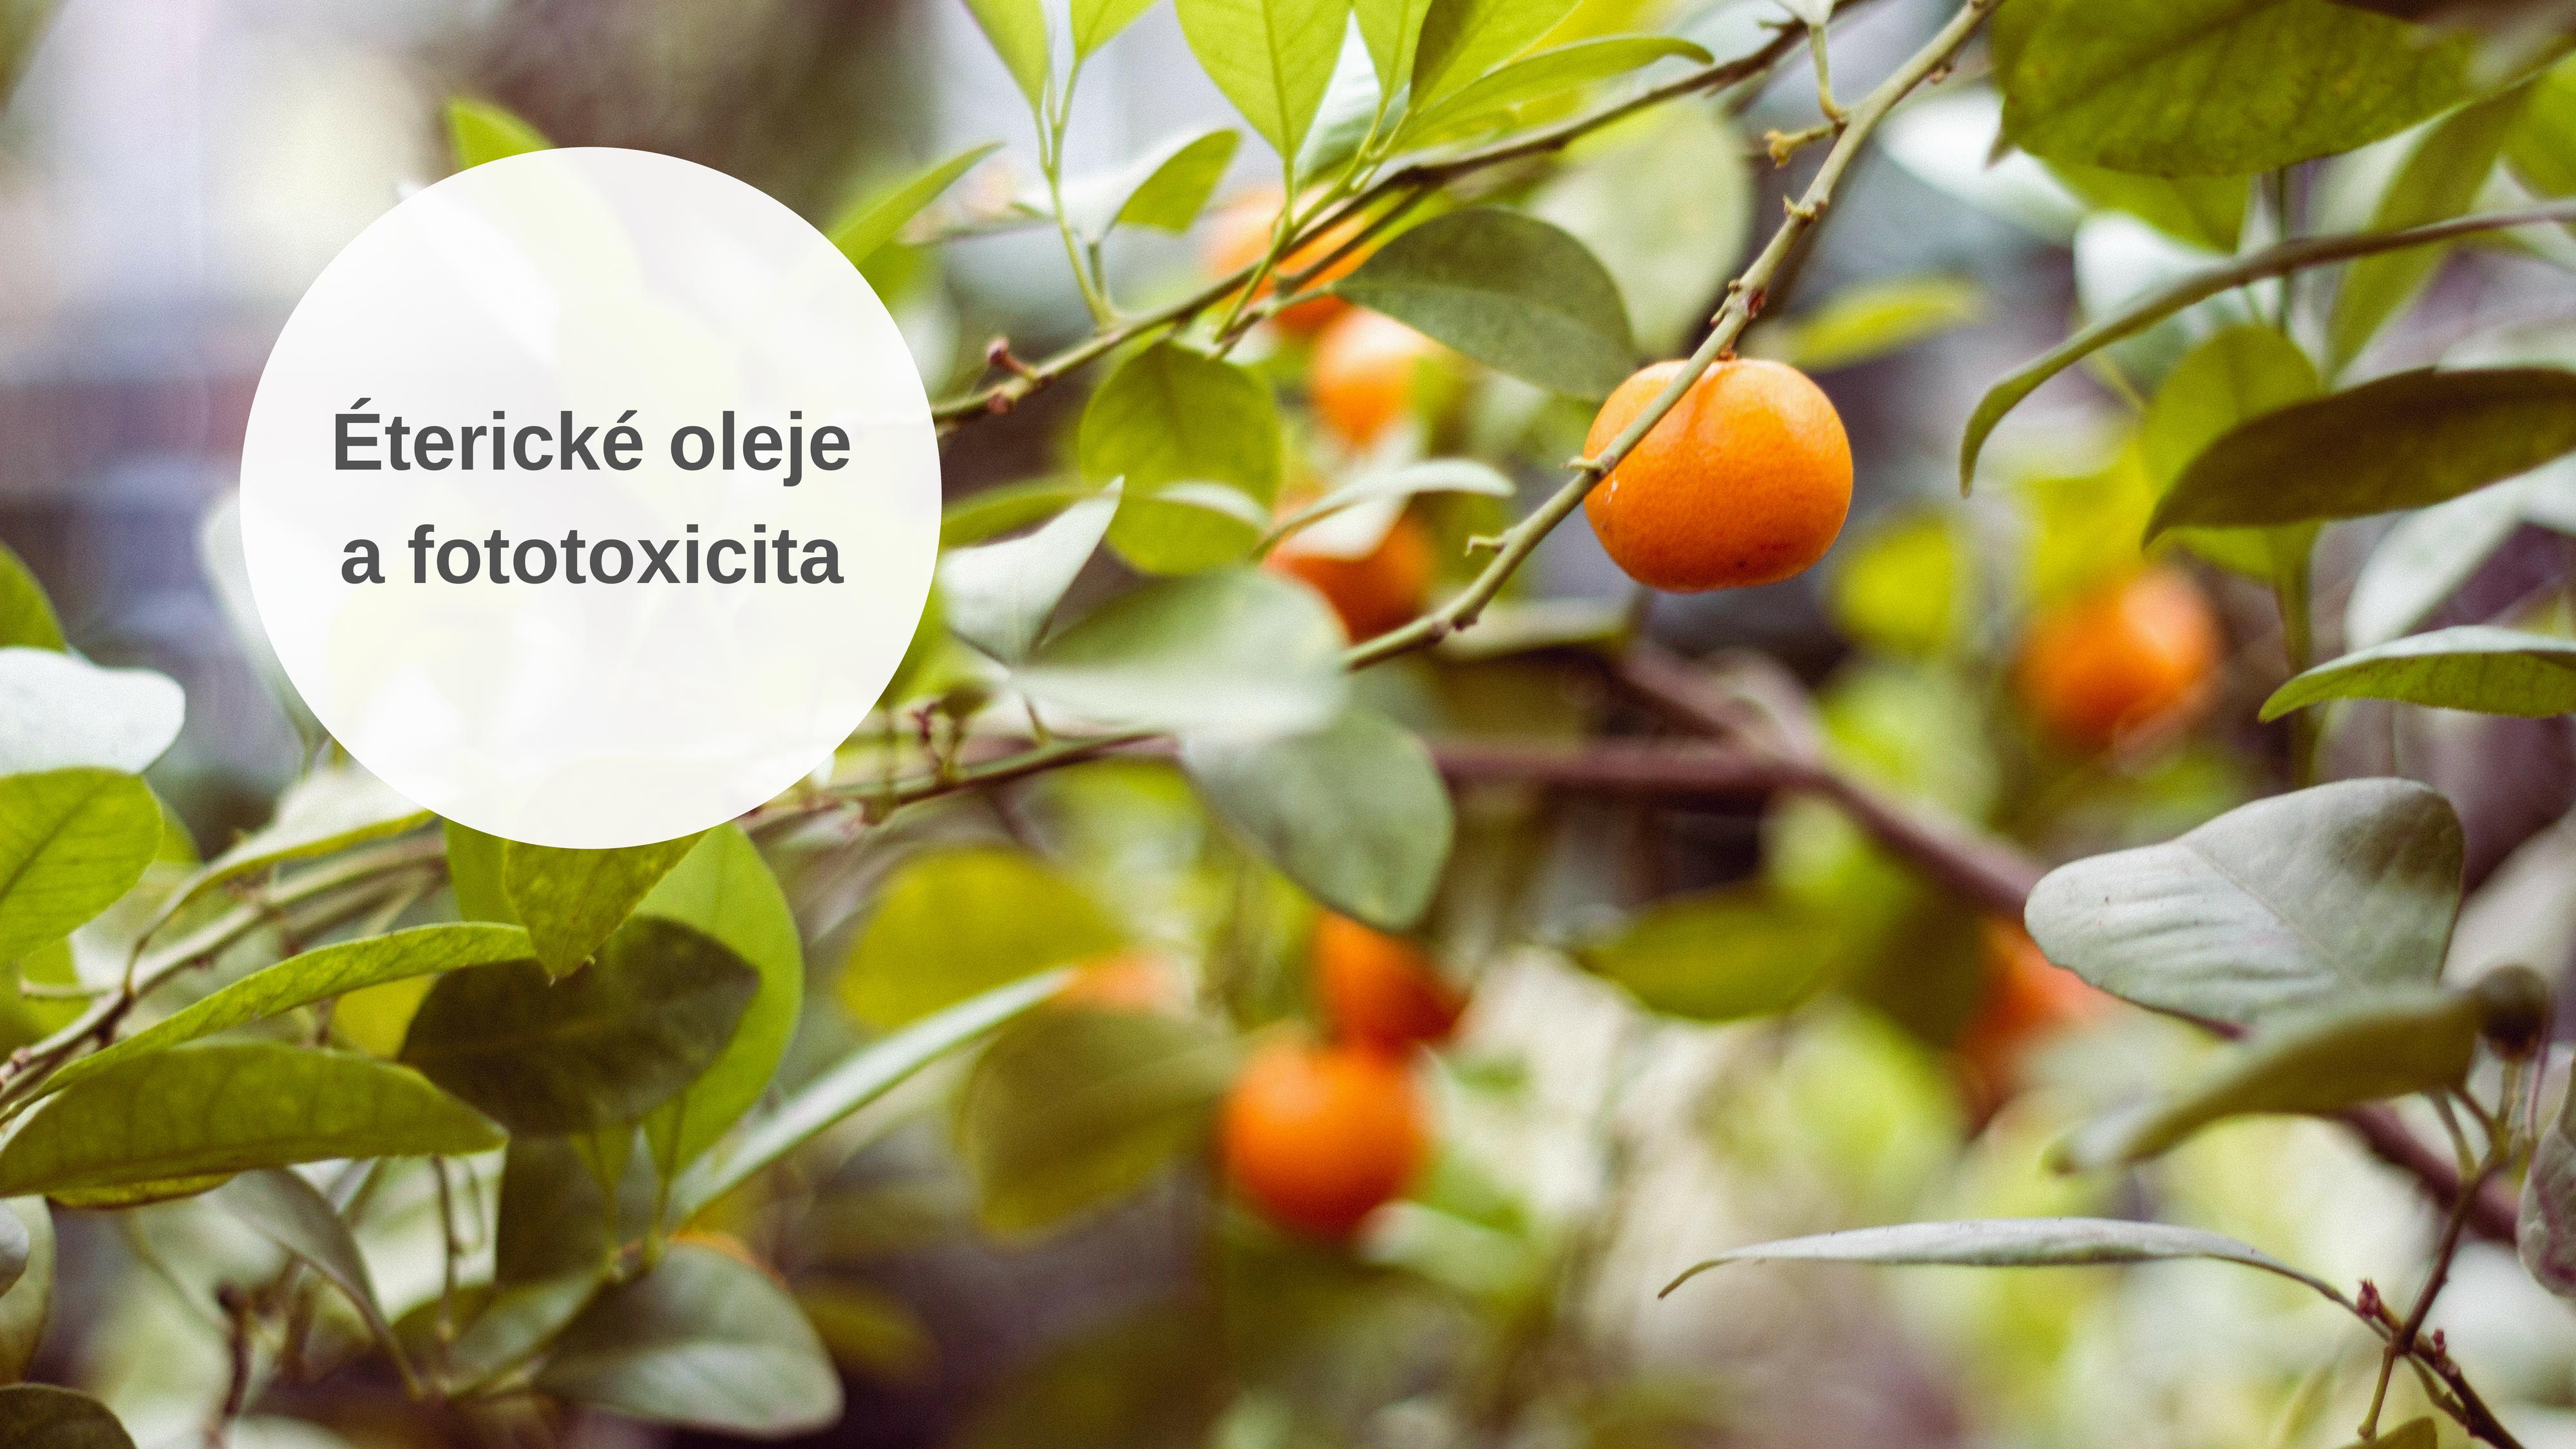 Éterické olejea fototoxicita